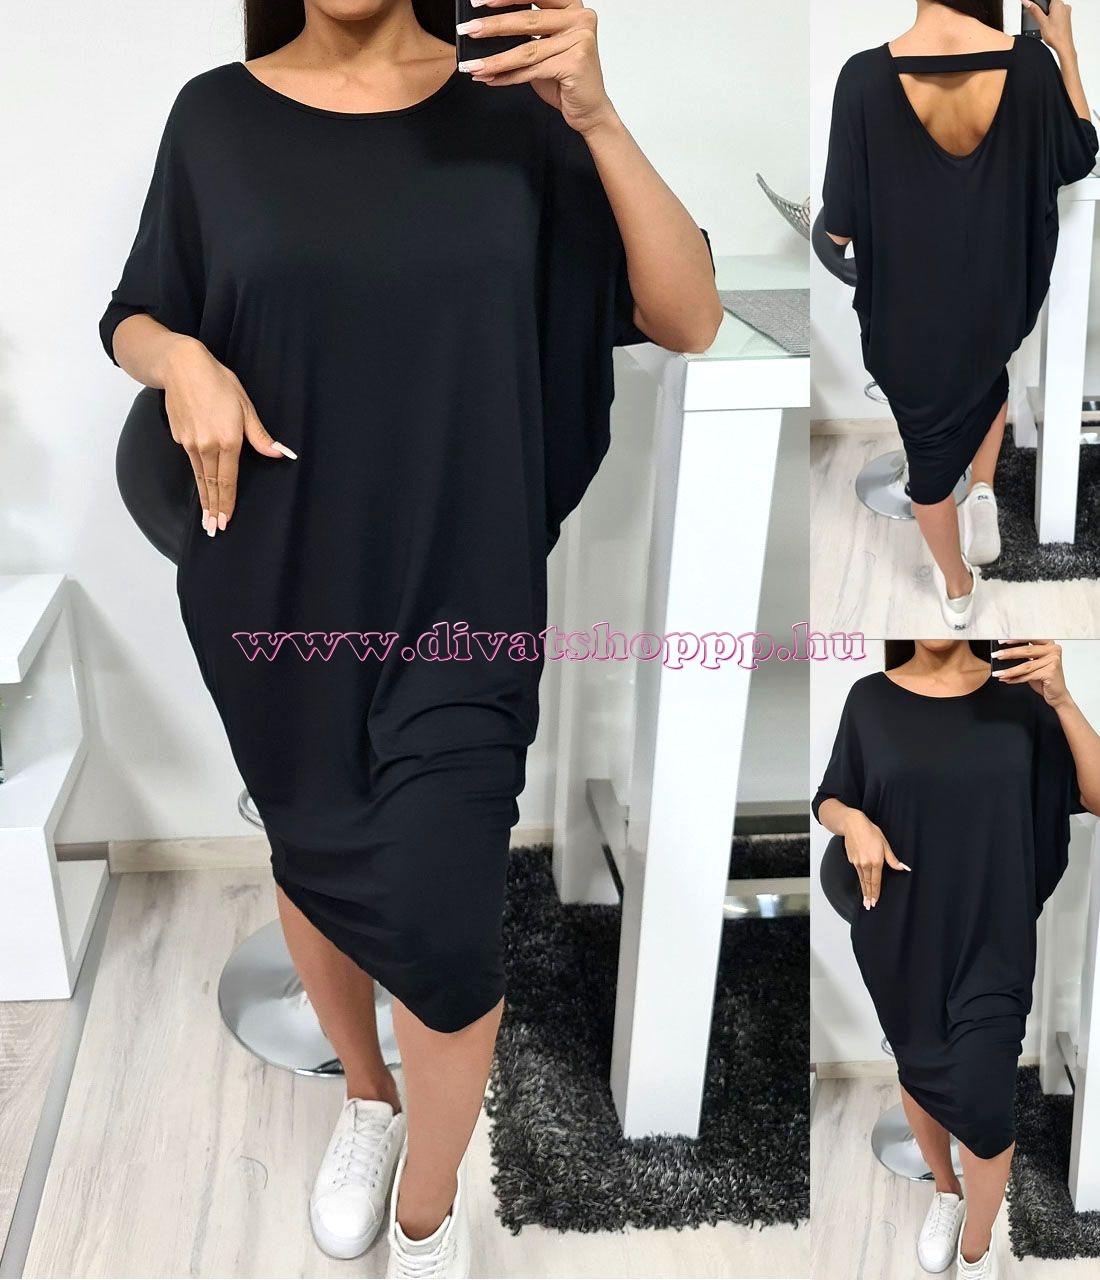 Hátán pántos, extra bő ruha (fekete)